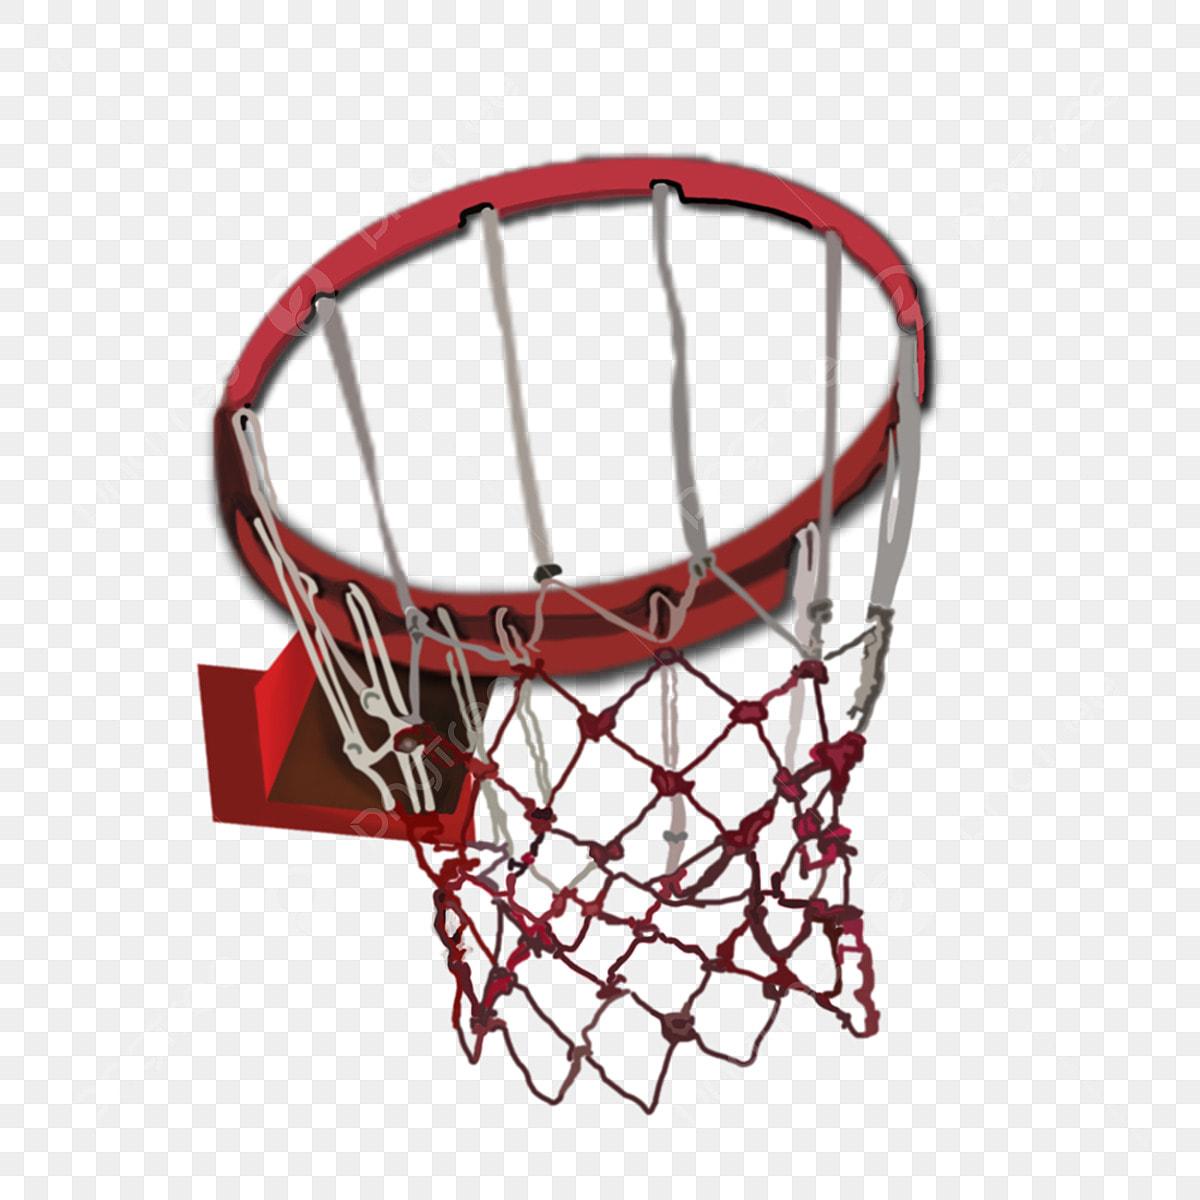 Dessin Tridimensionnel De Panier De Basket Ball Dessin Stereo